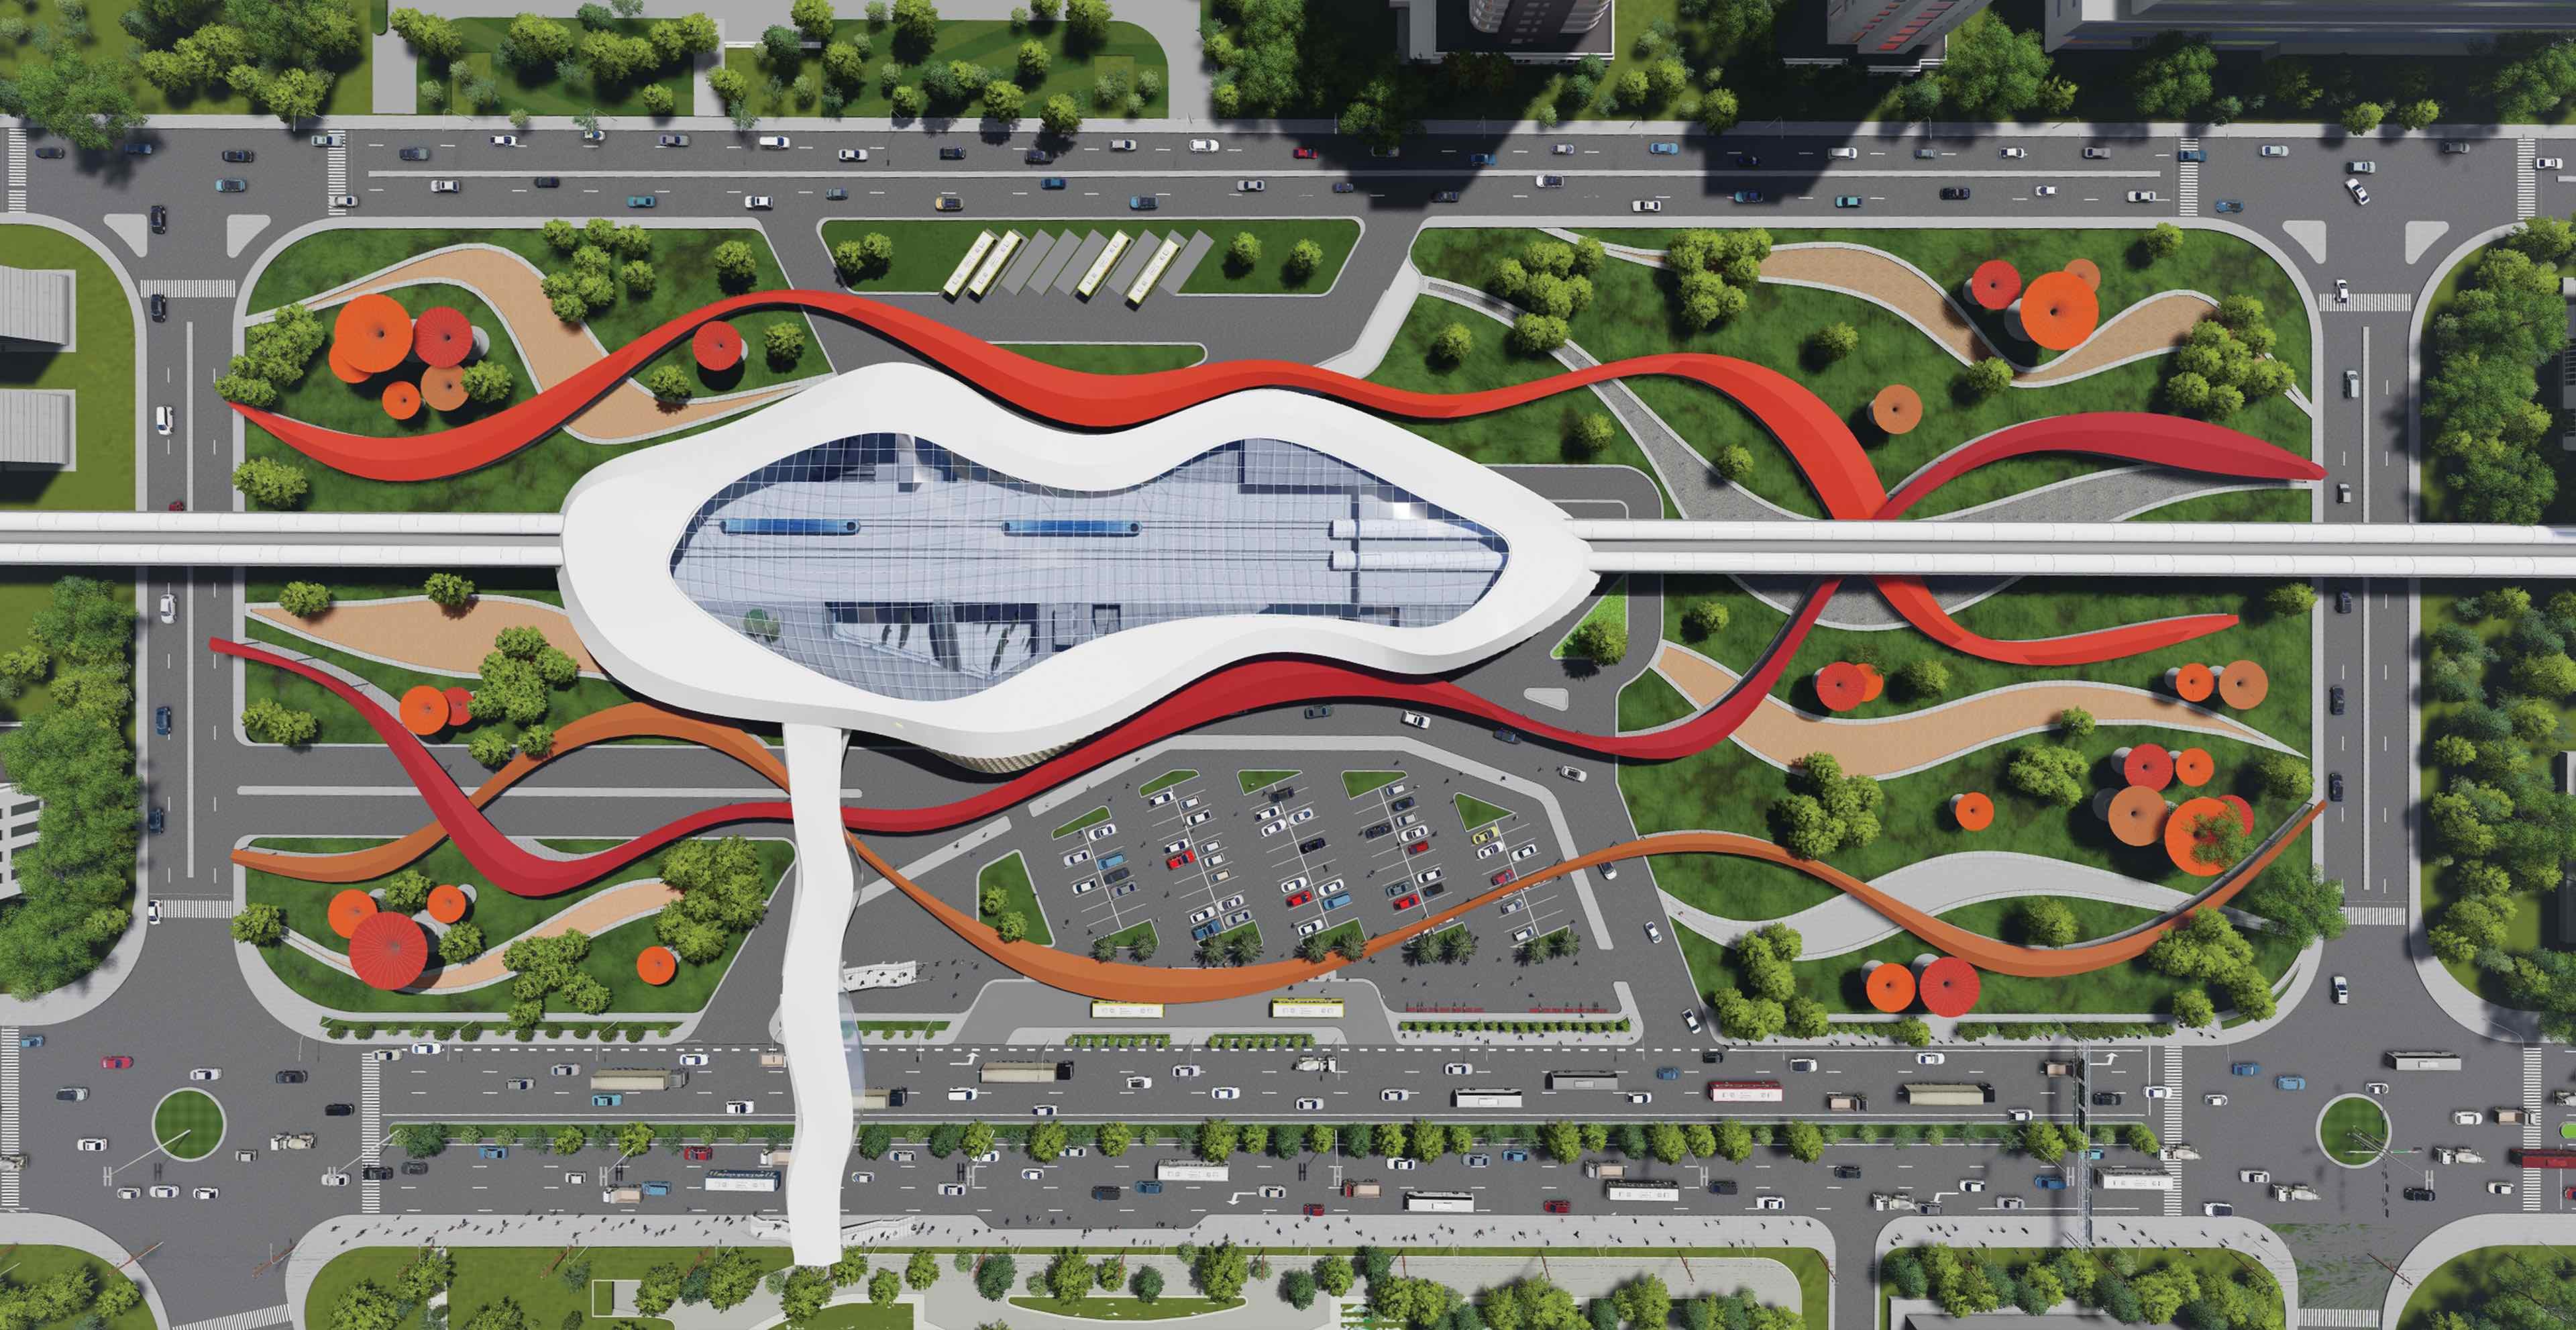 Top view of the hyperloop